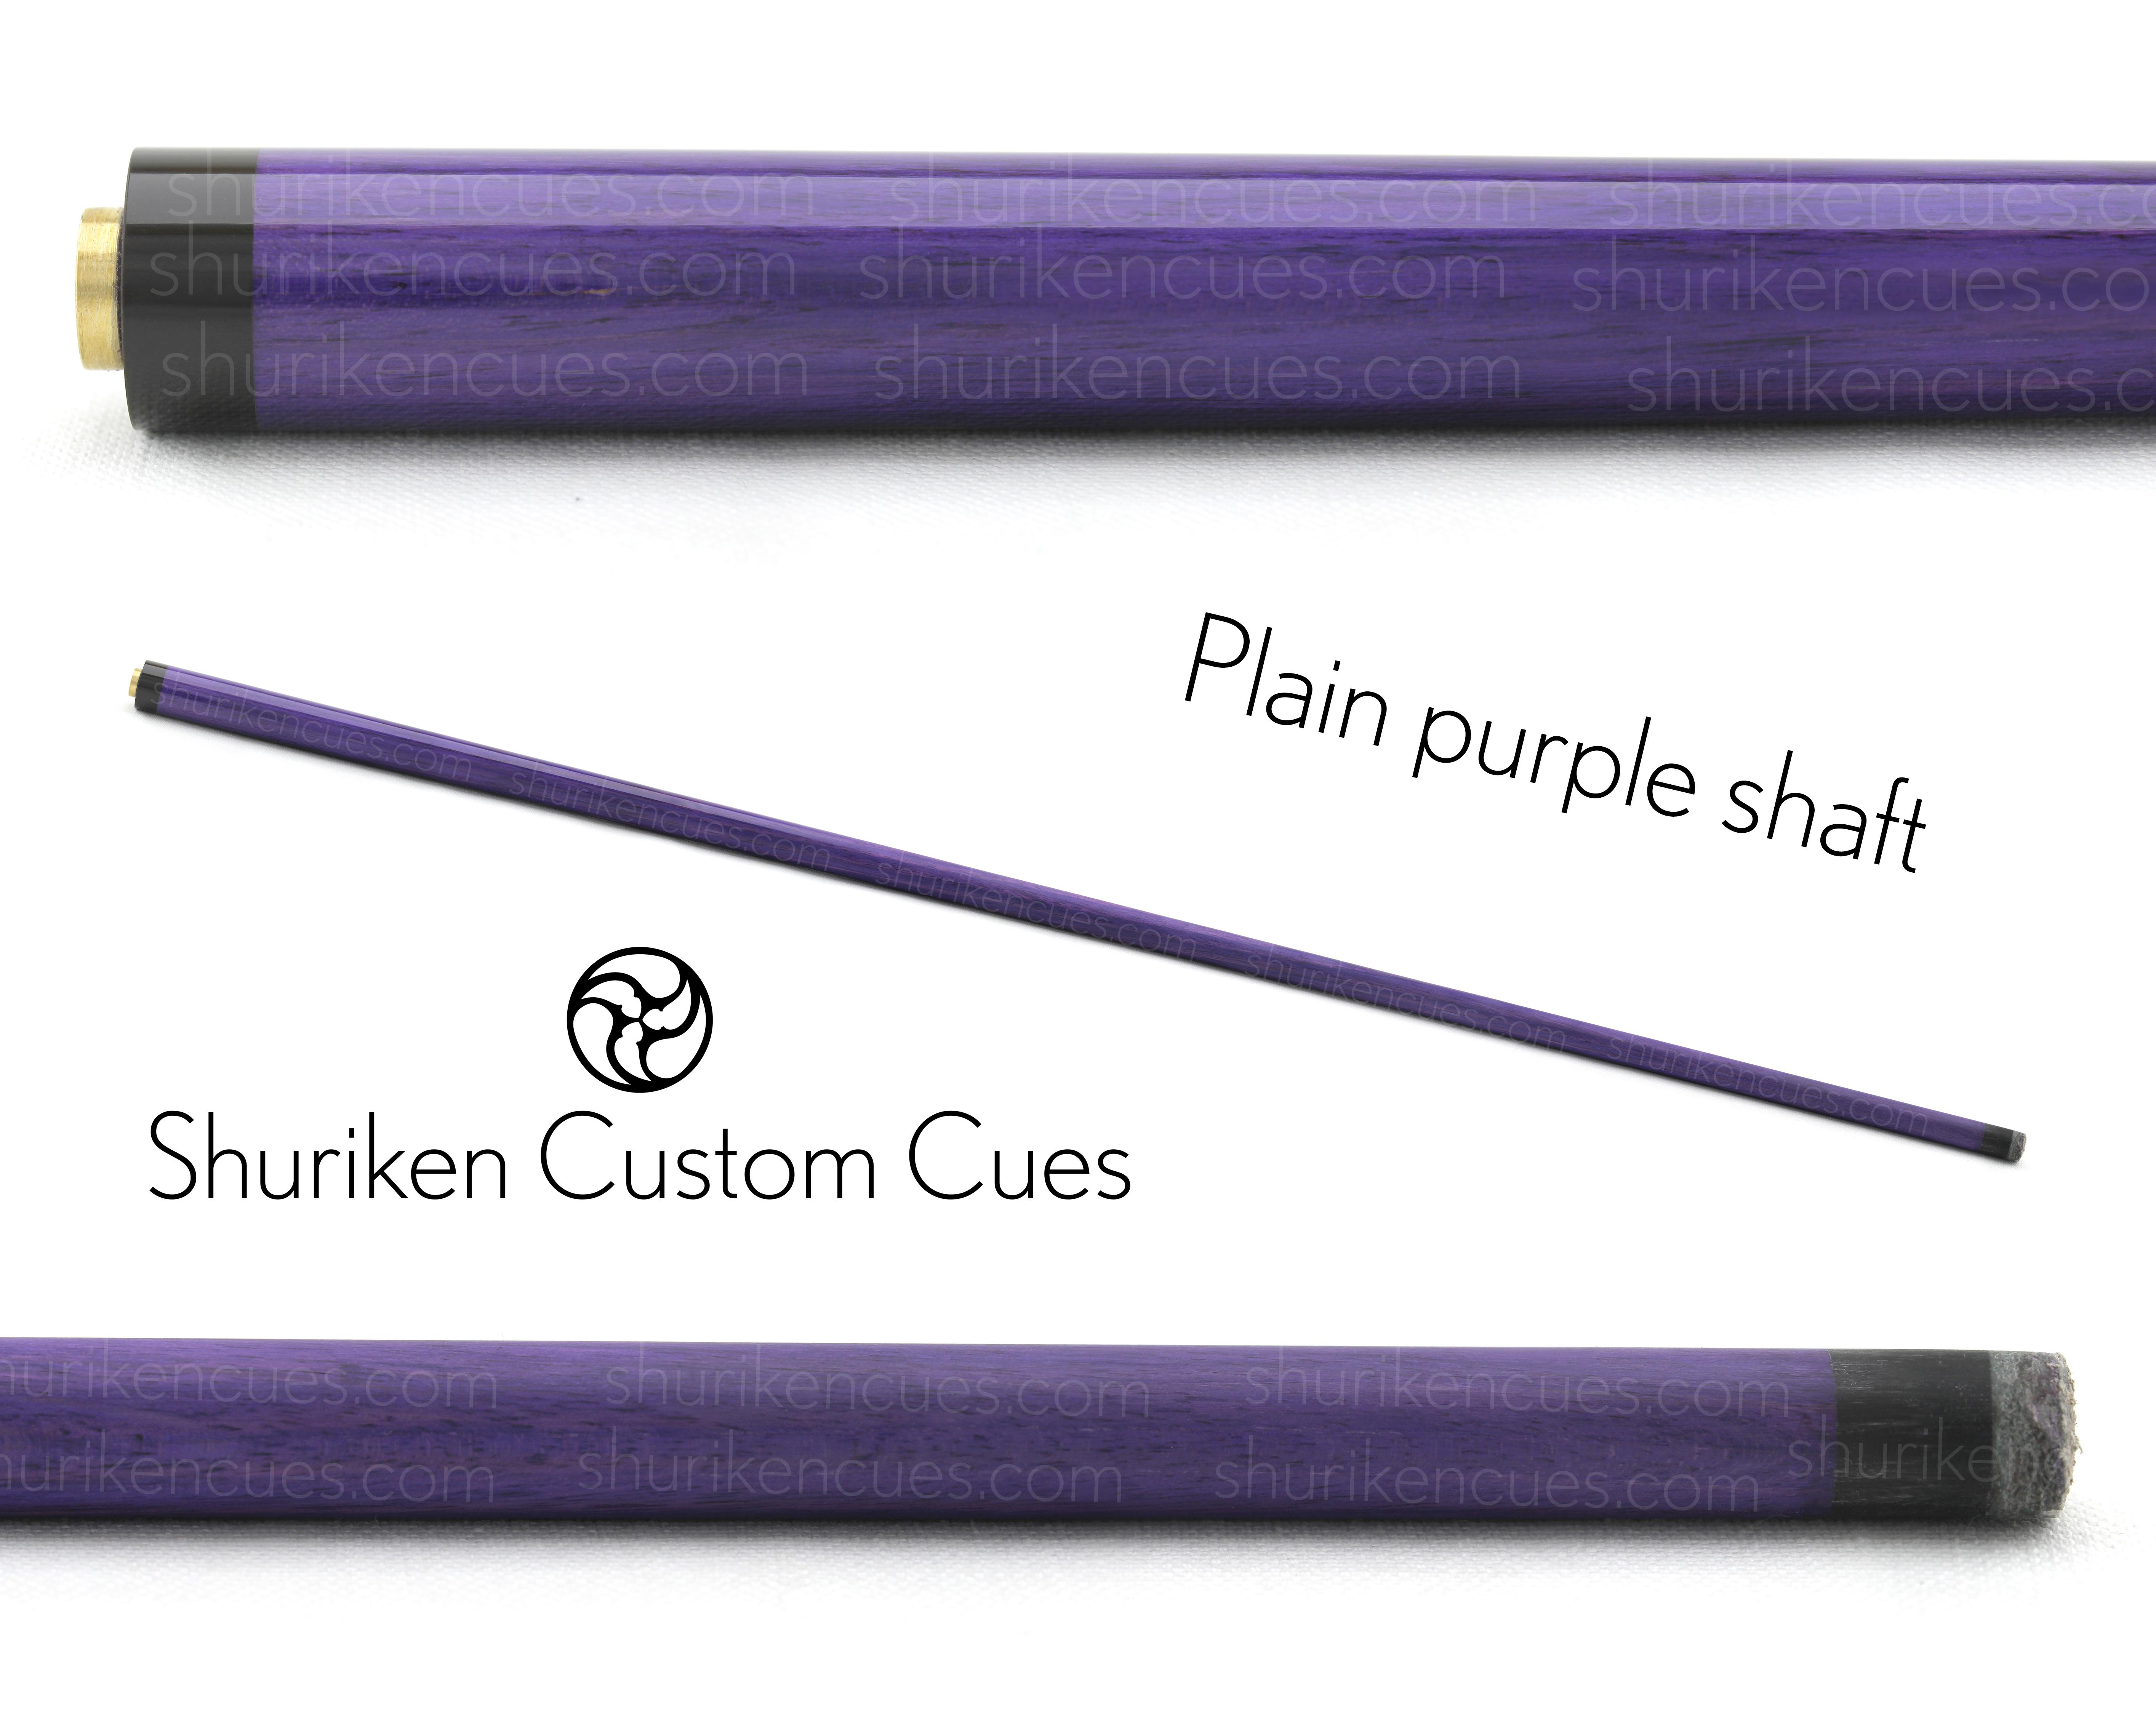 plain-purple-shaft